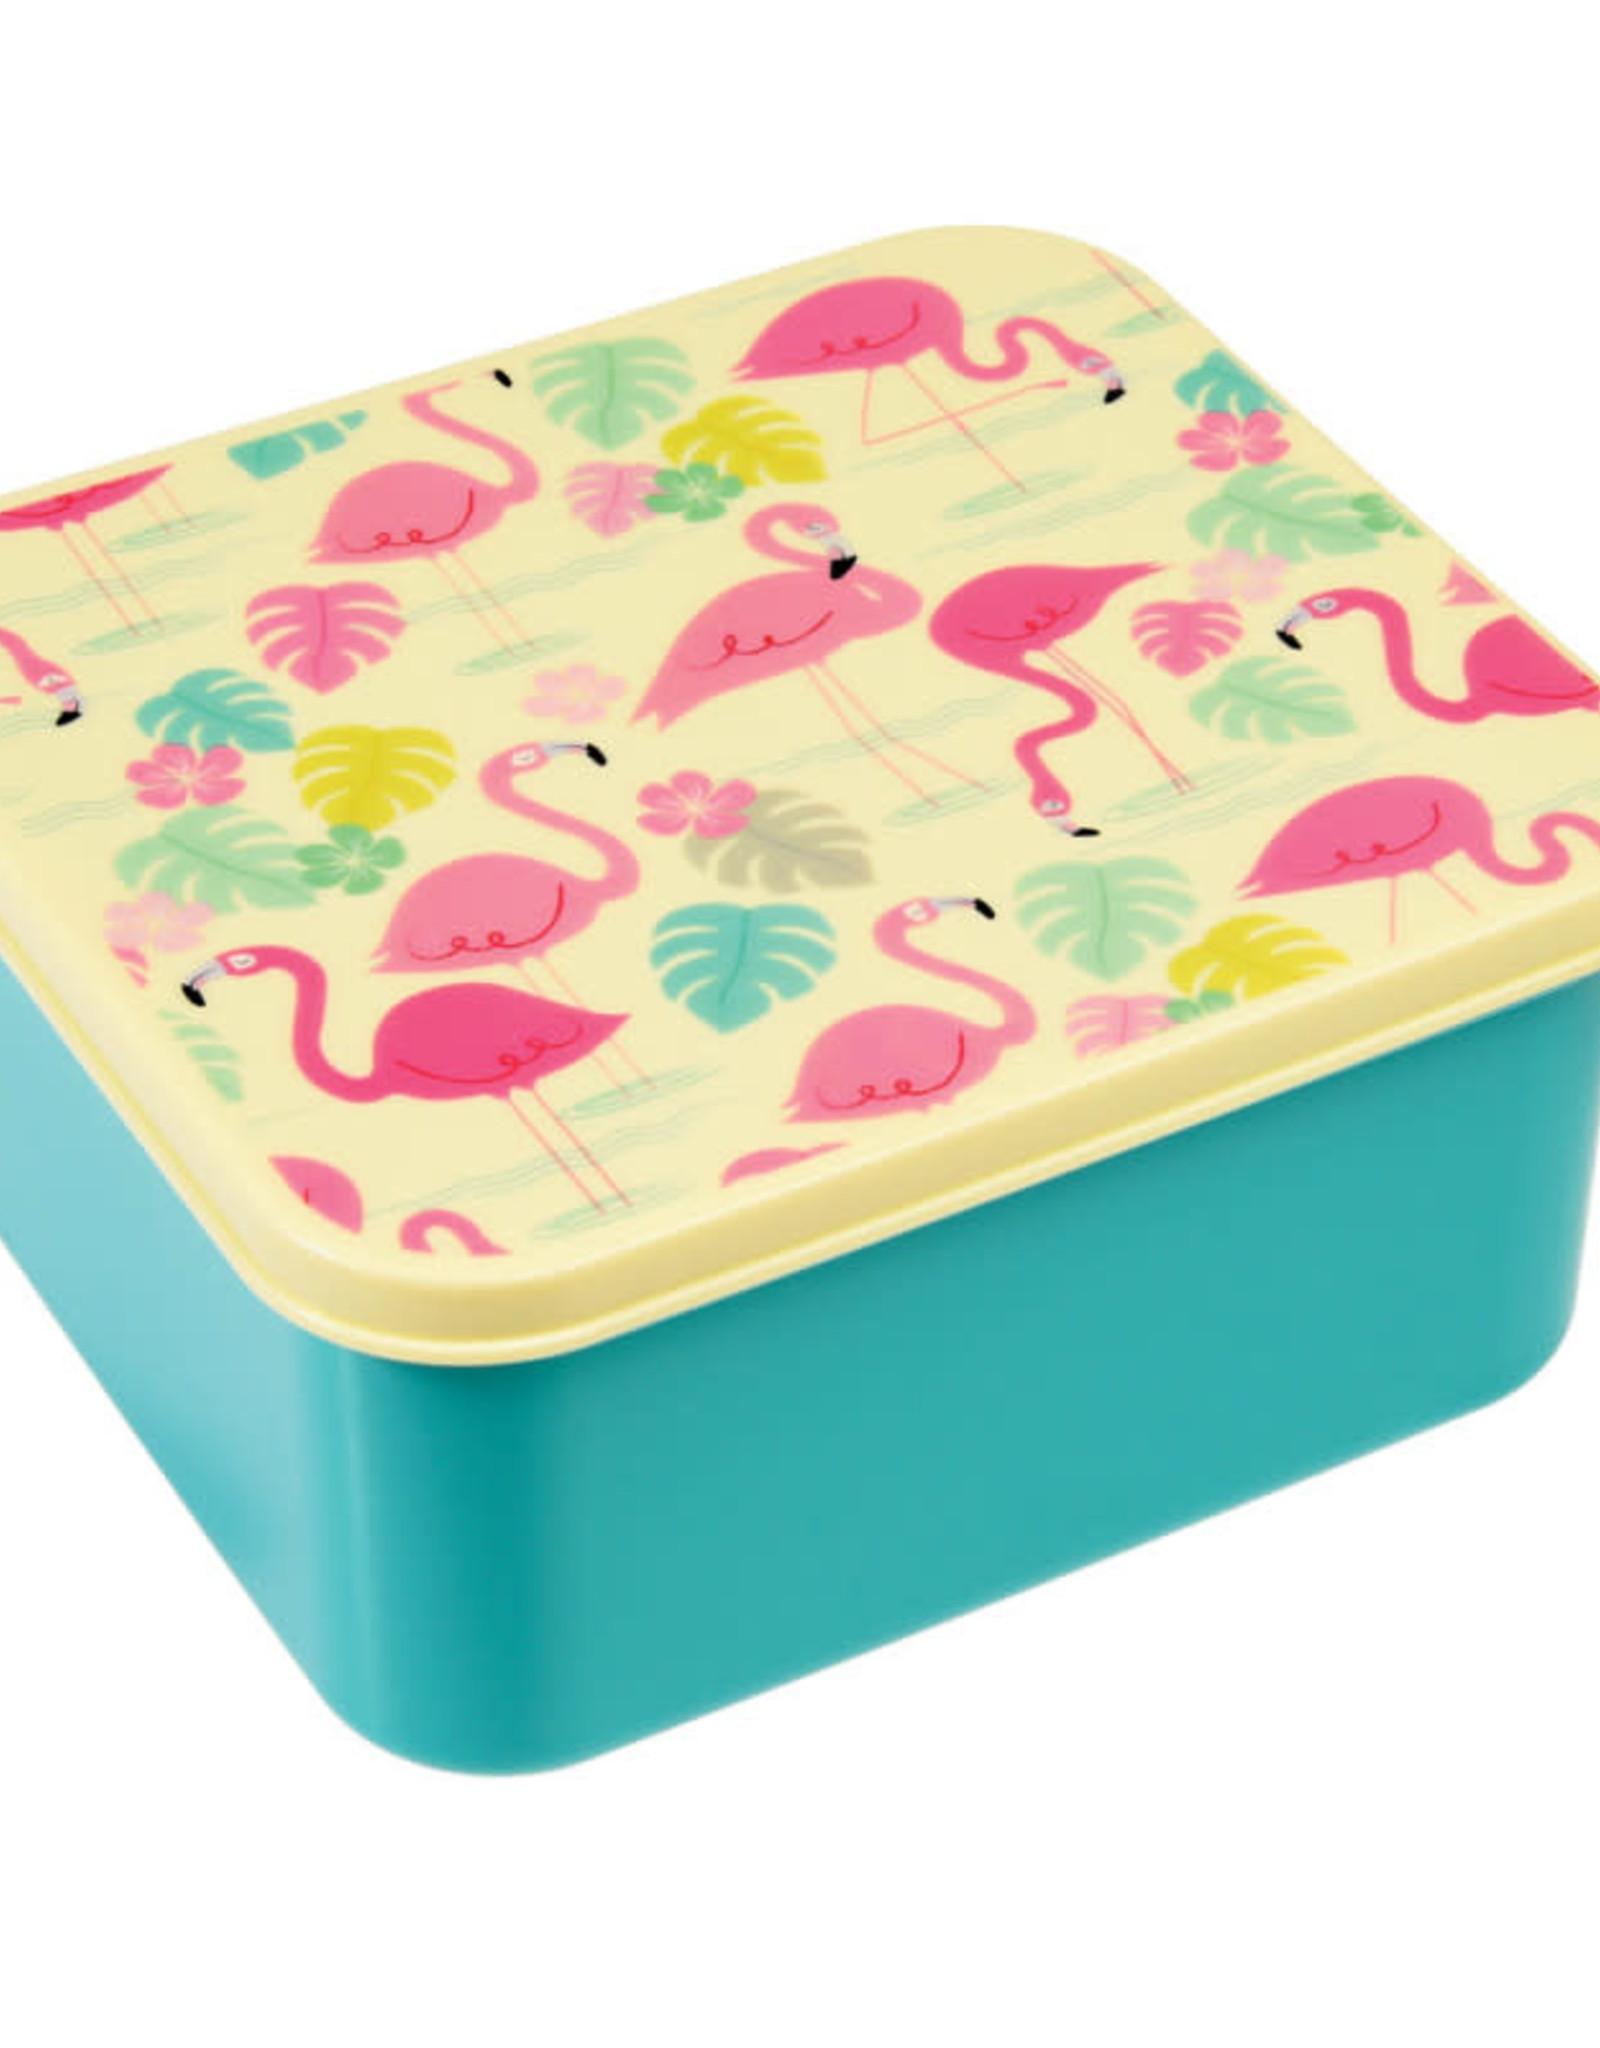 rex london Rex london lunchbox flamingo